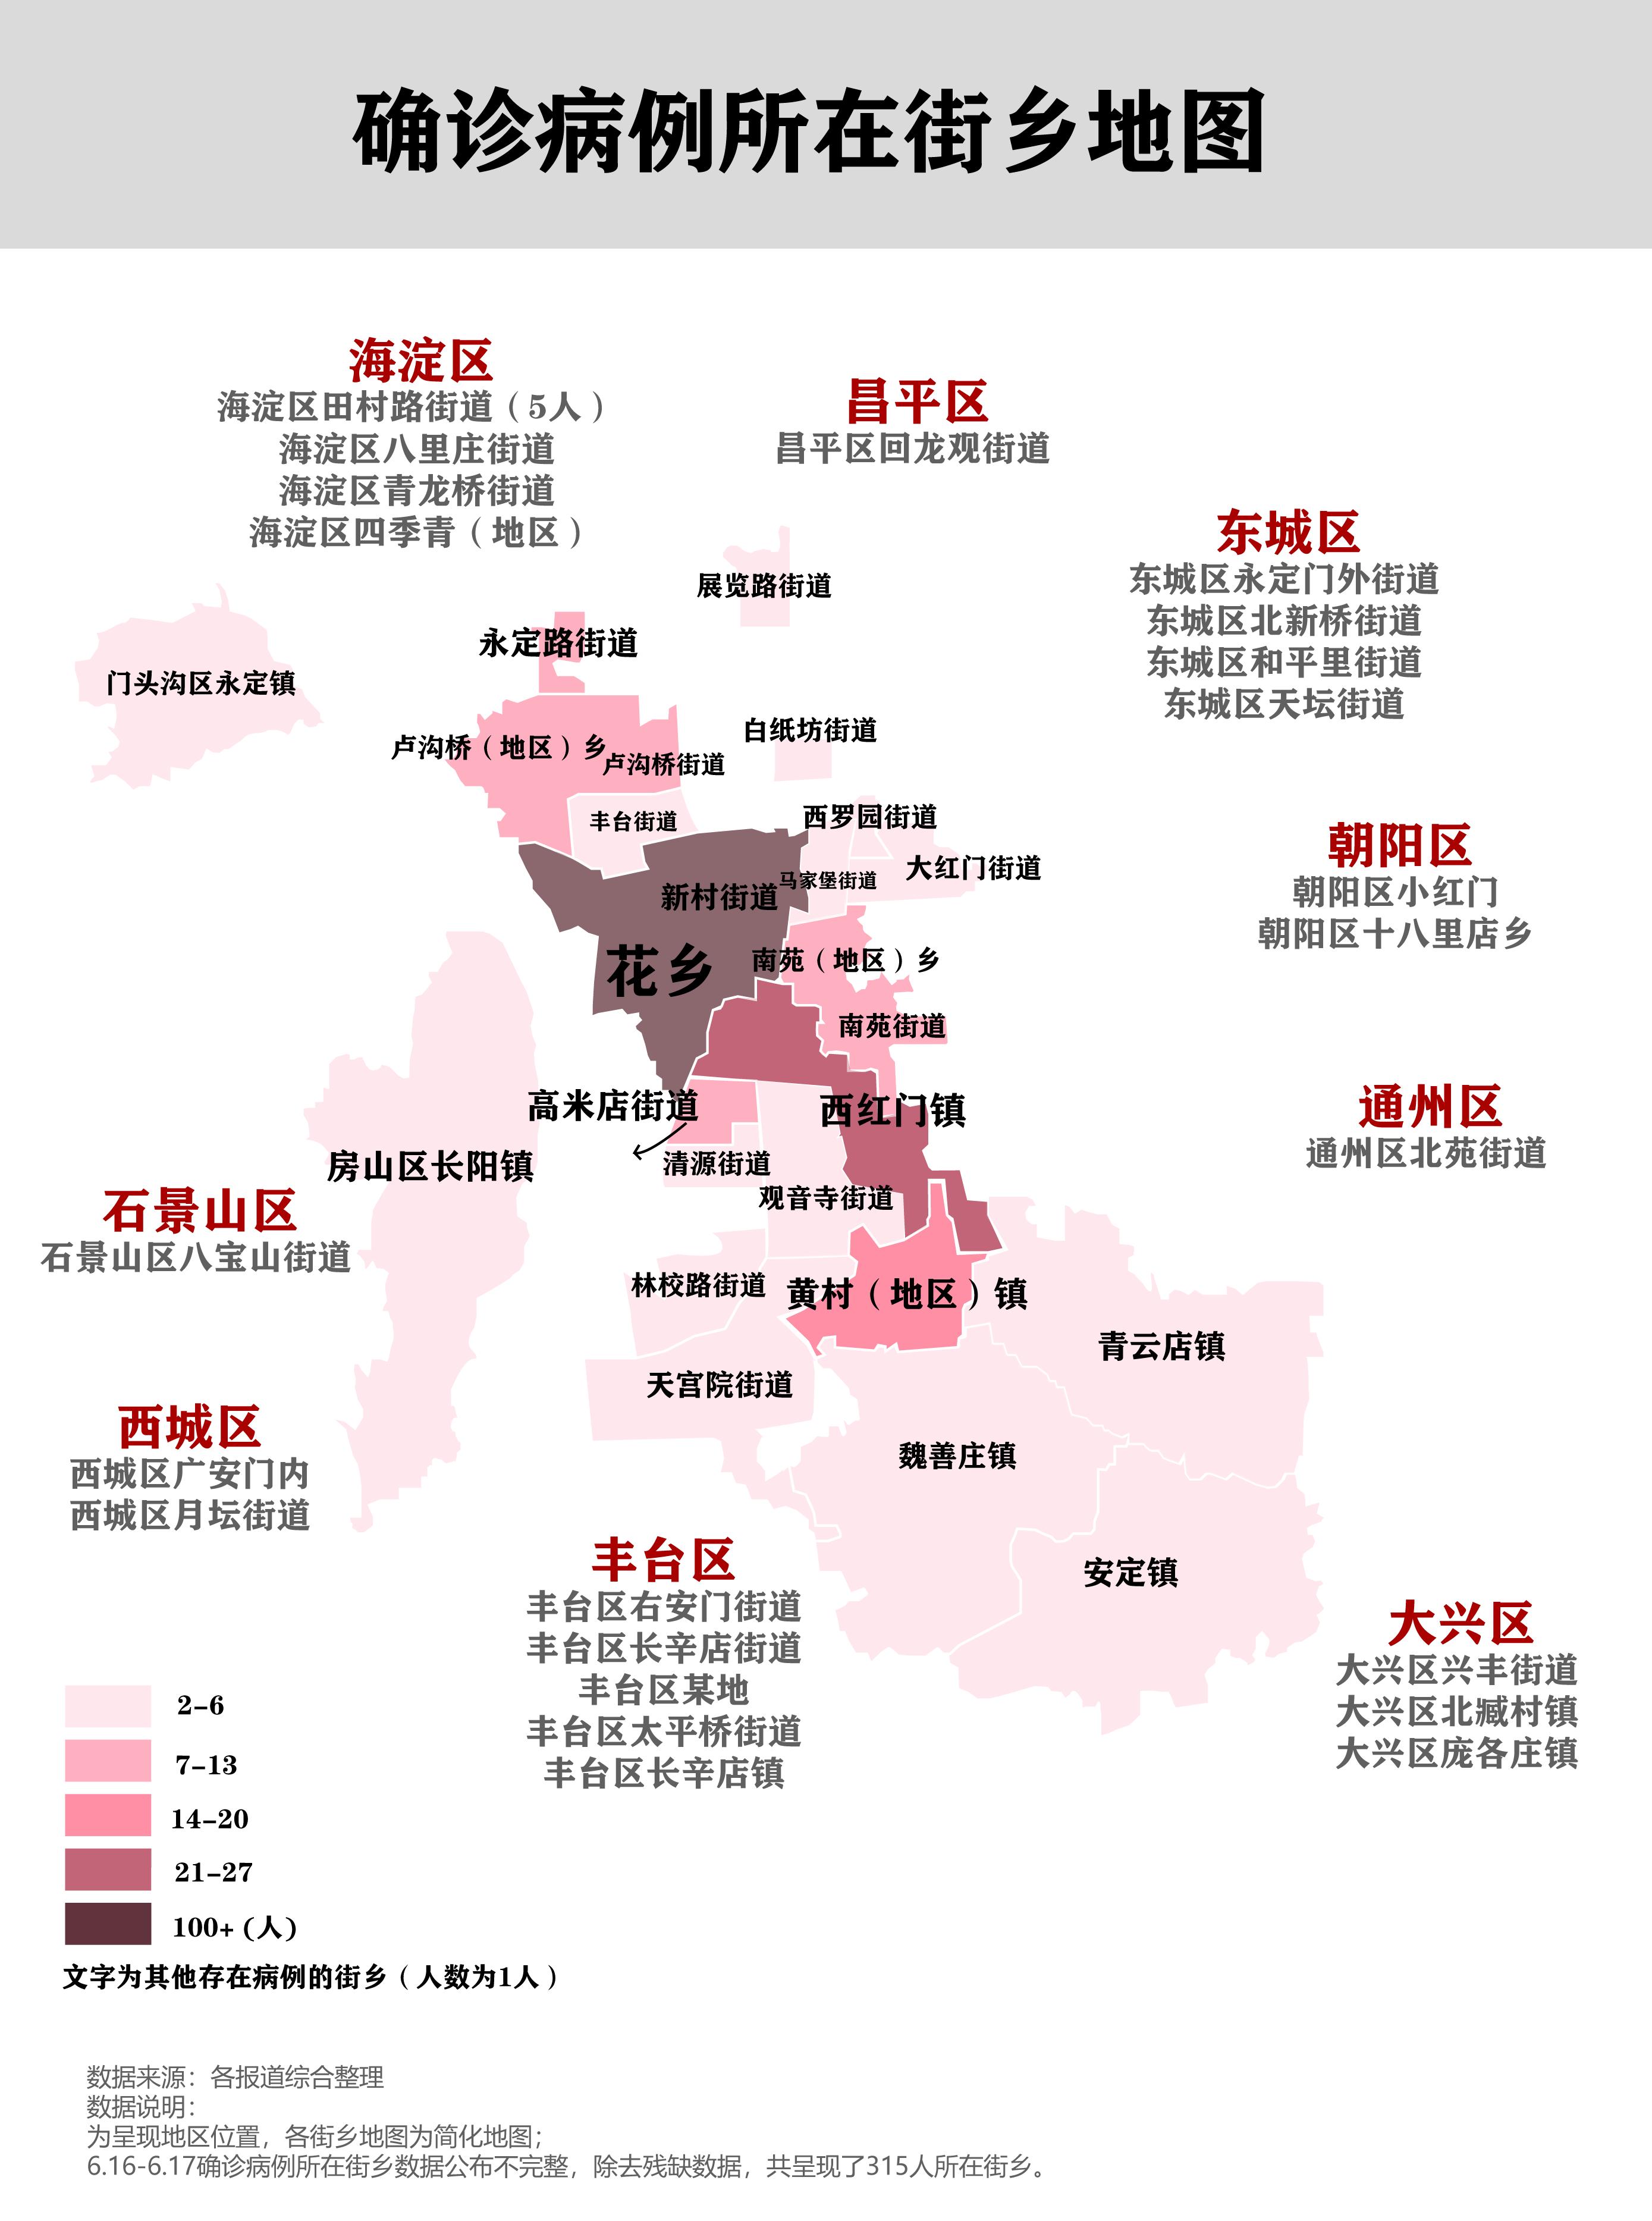 """北京335例确诊病例""""画像"""":近七成在丰台,4例重症"""